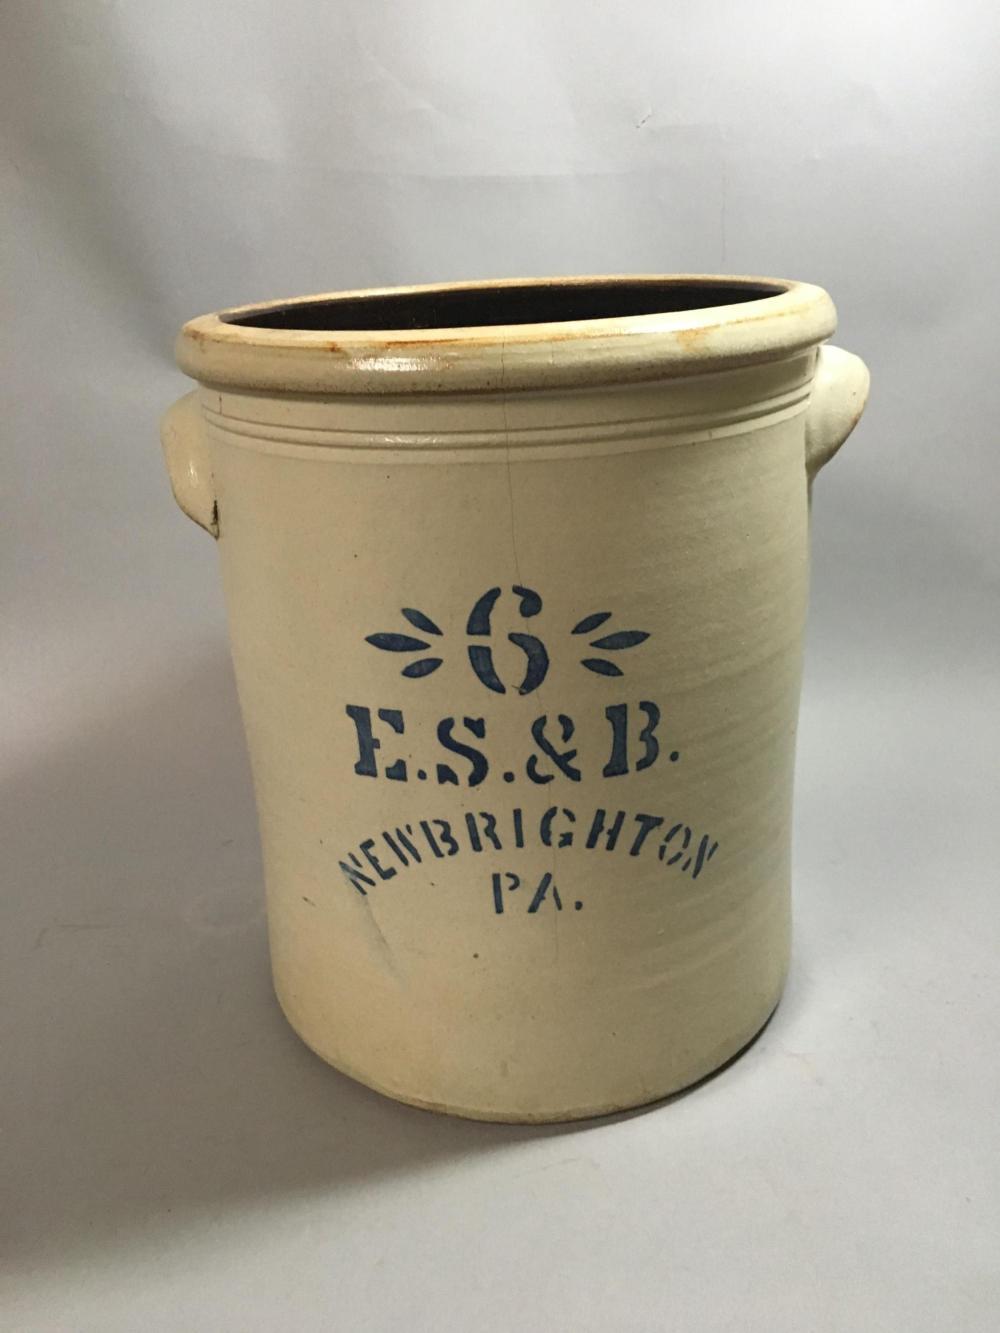 E.S. & B. New Brighton, PA Crock, 6 Gallon